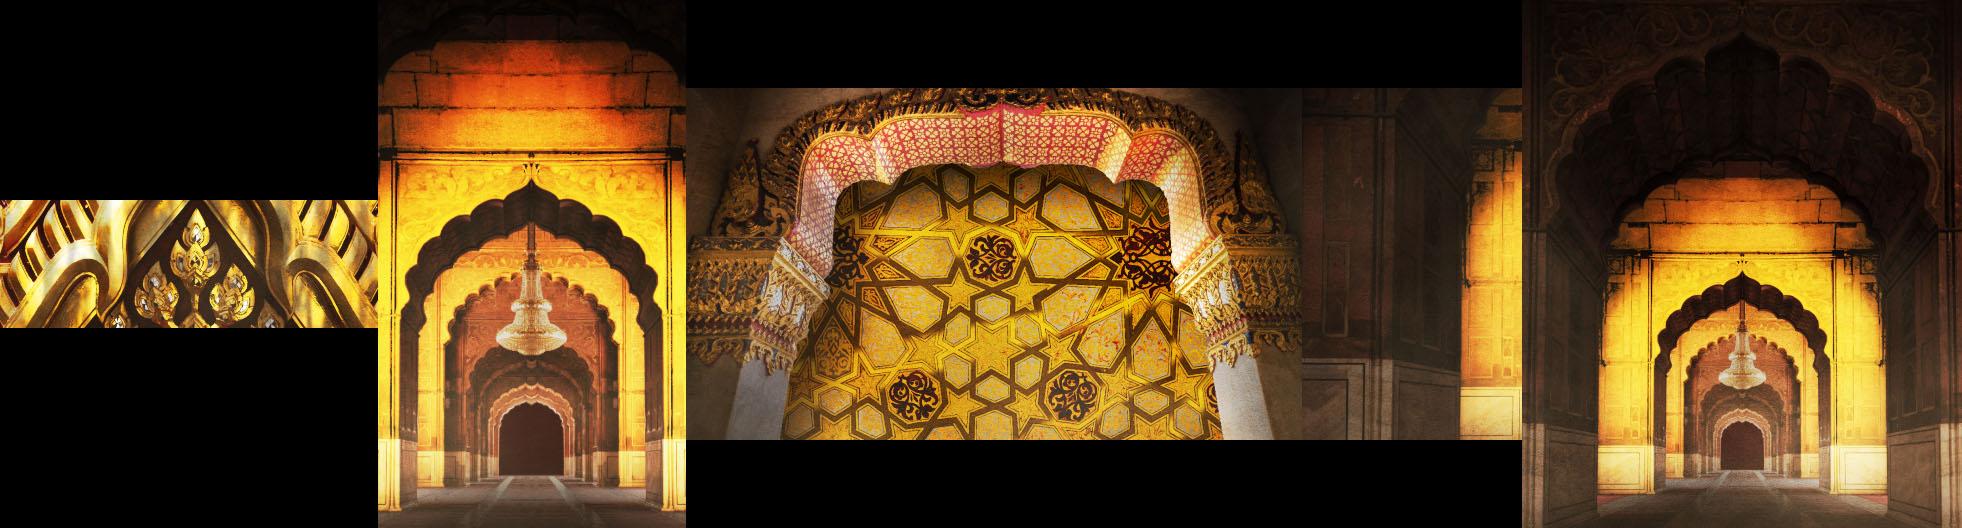 Indian Wedding - Got Talent Israel by Elad Magdasi